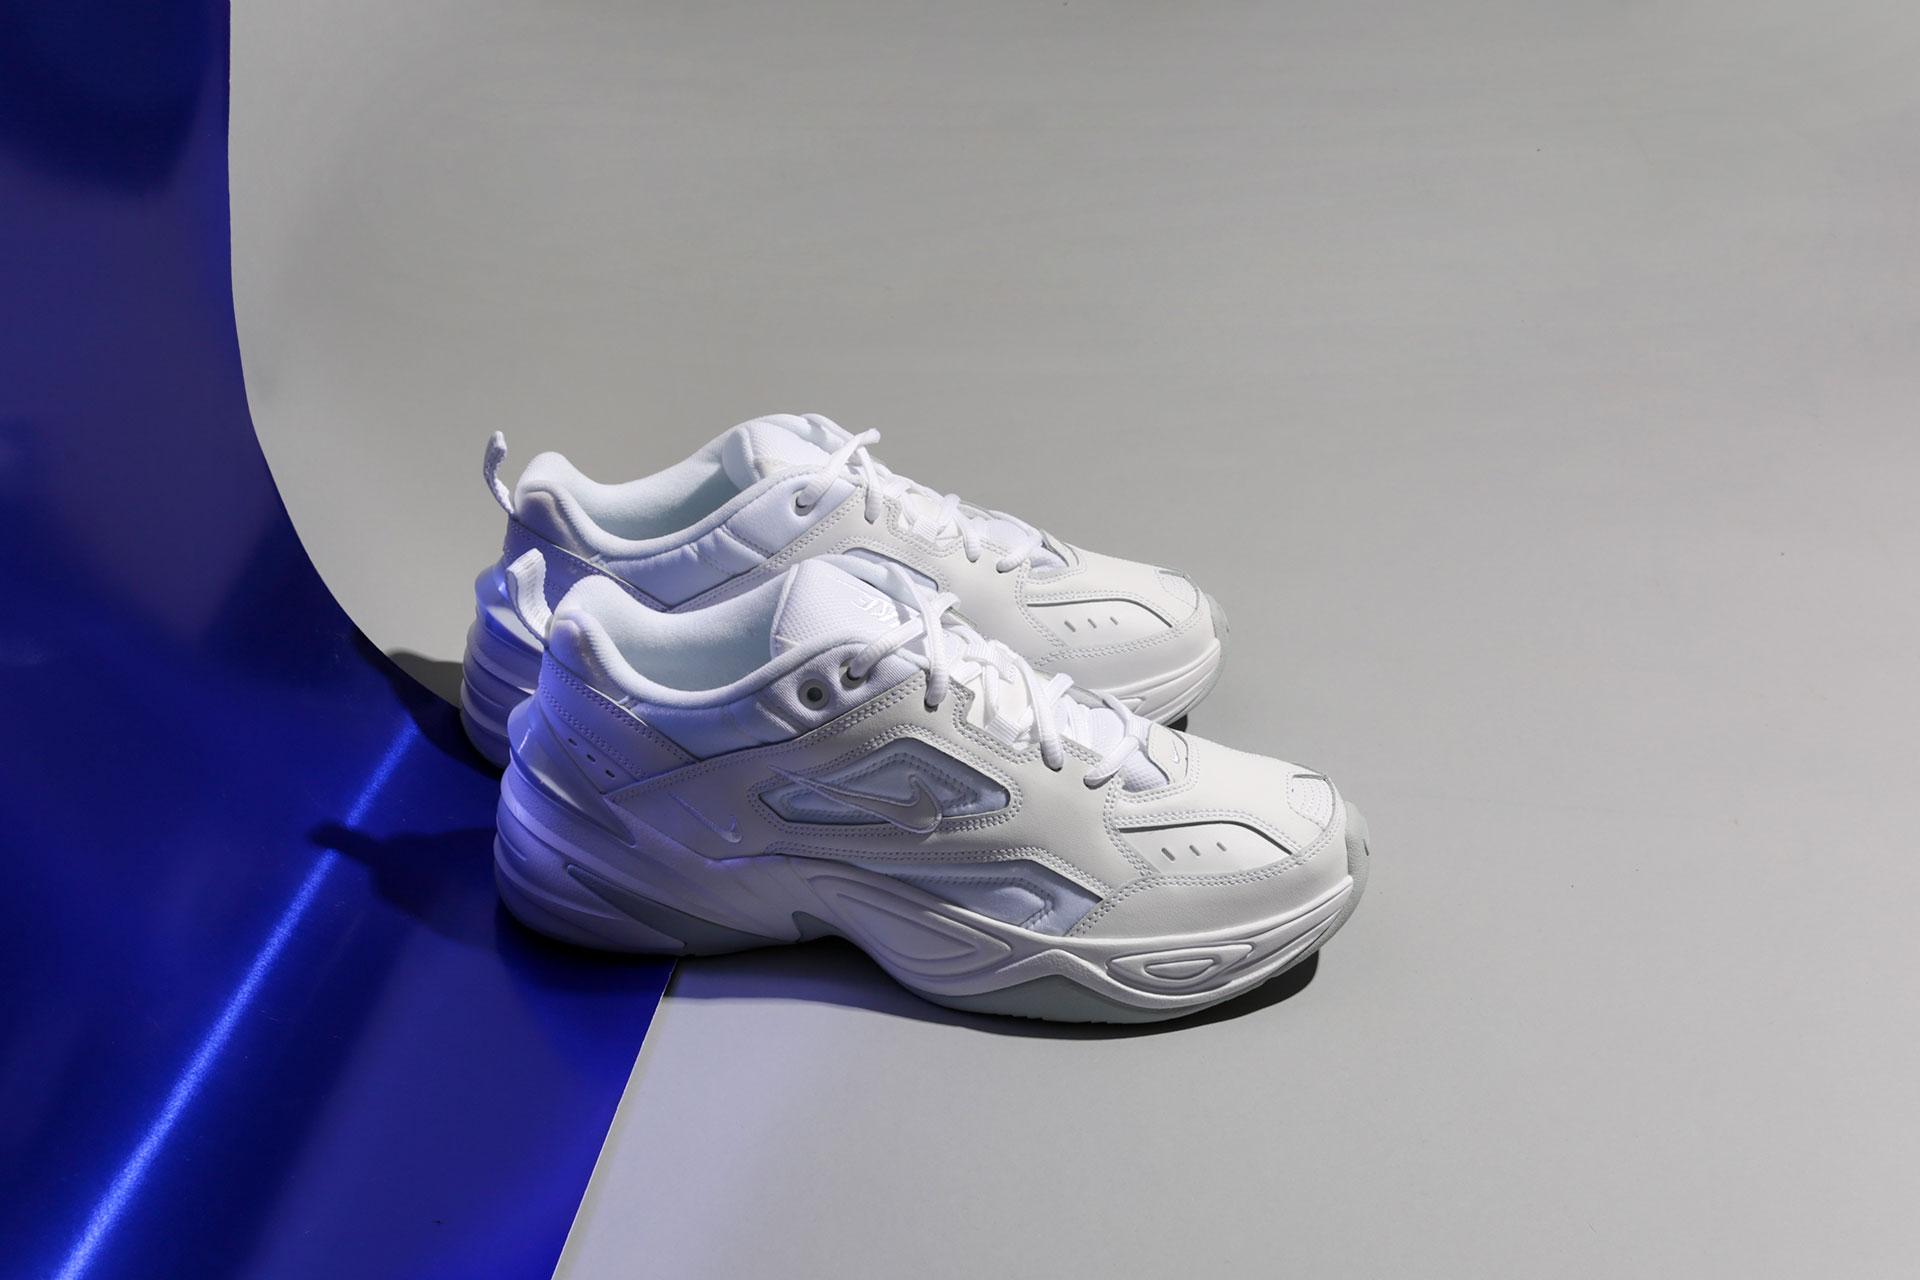 082604c2 Купить белые женские кроссовки WMNS M2K Tekno от Nike (AO3108-100 ...